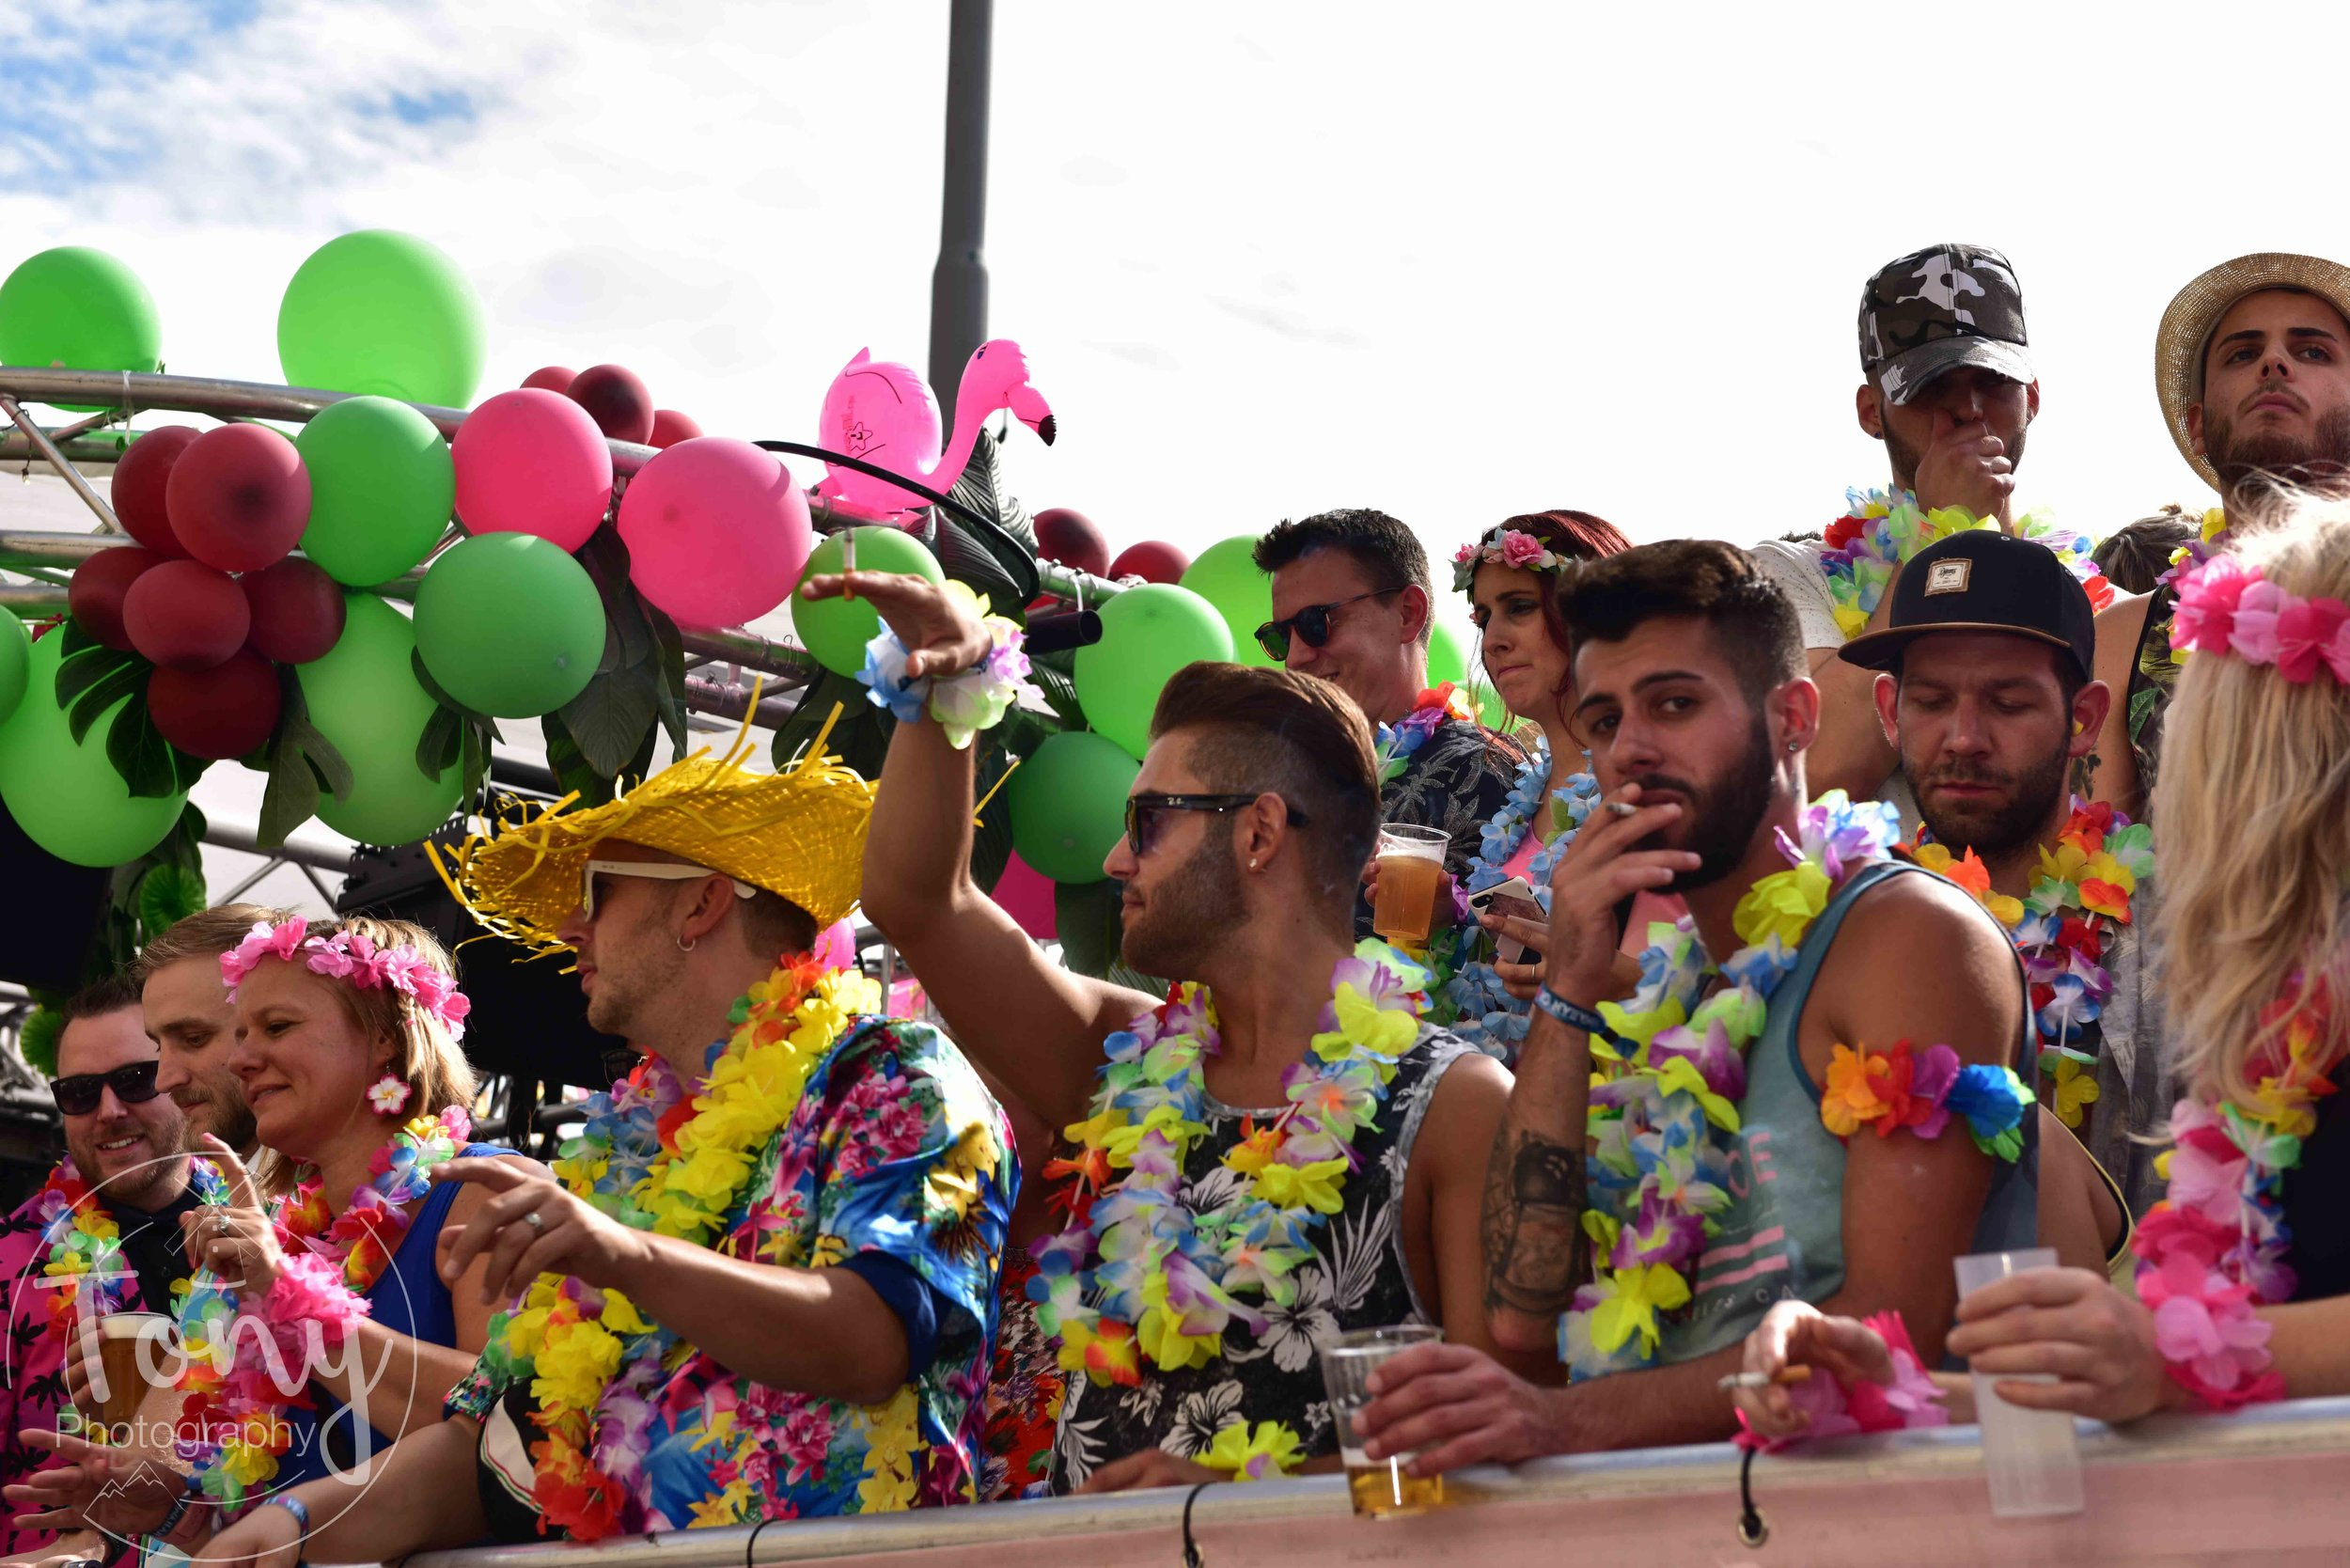 streetparade-159.jpg